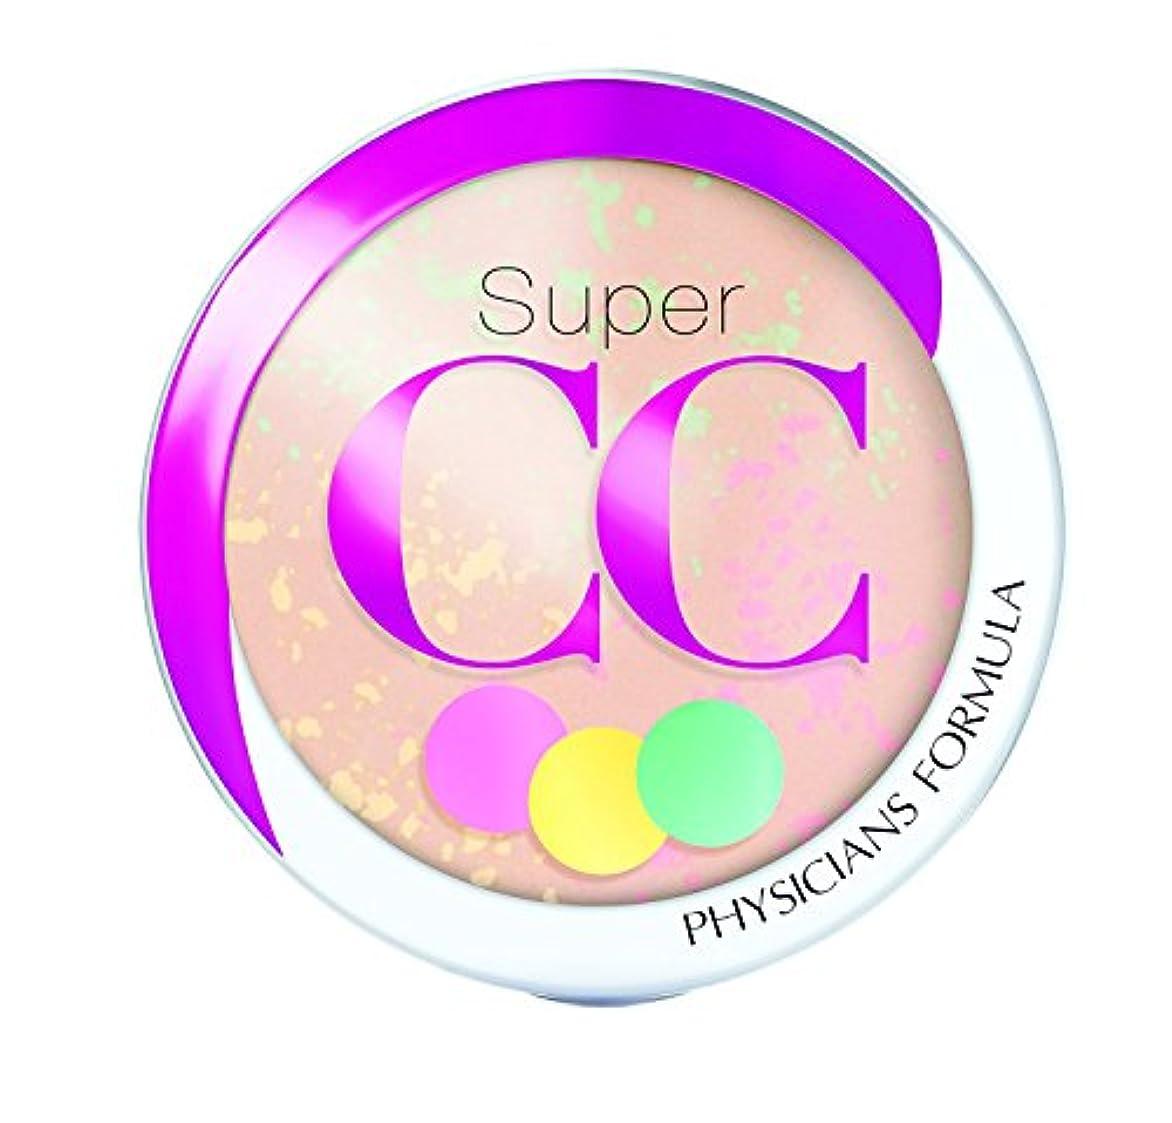 後継殺人ましいPHYSICIANS FORMULA Super CC+ Color-Correction + Care CC+ Powder SPF 30 - Light/Medium